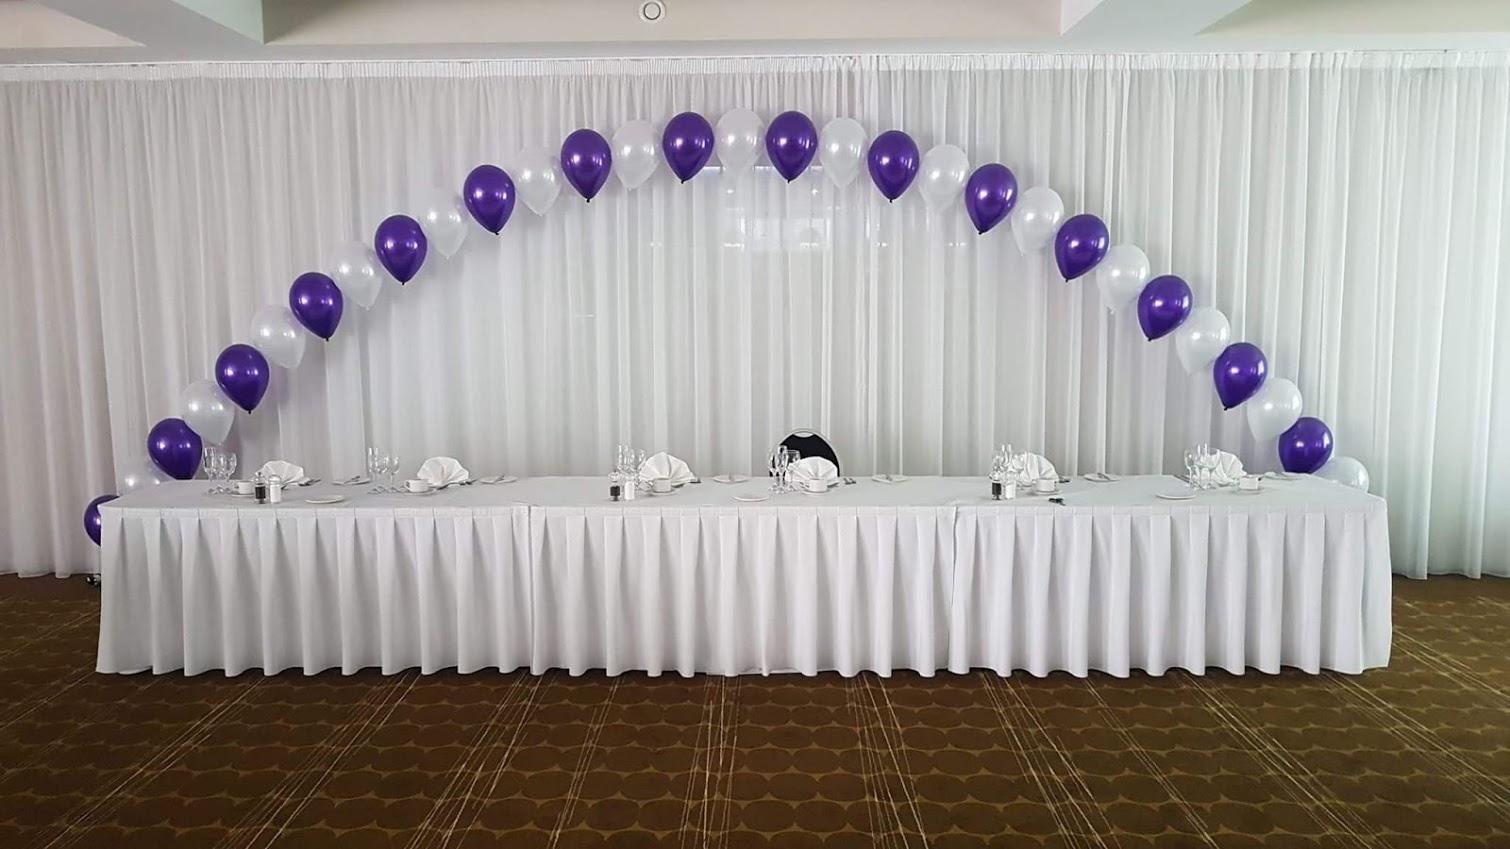 Arch - Top table single balloon